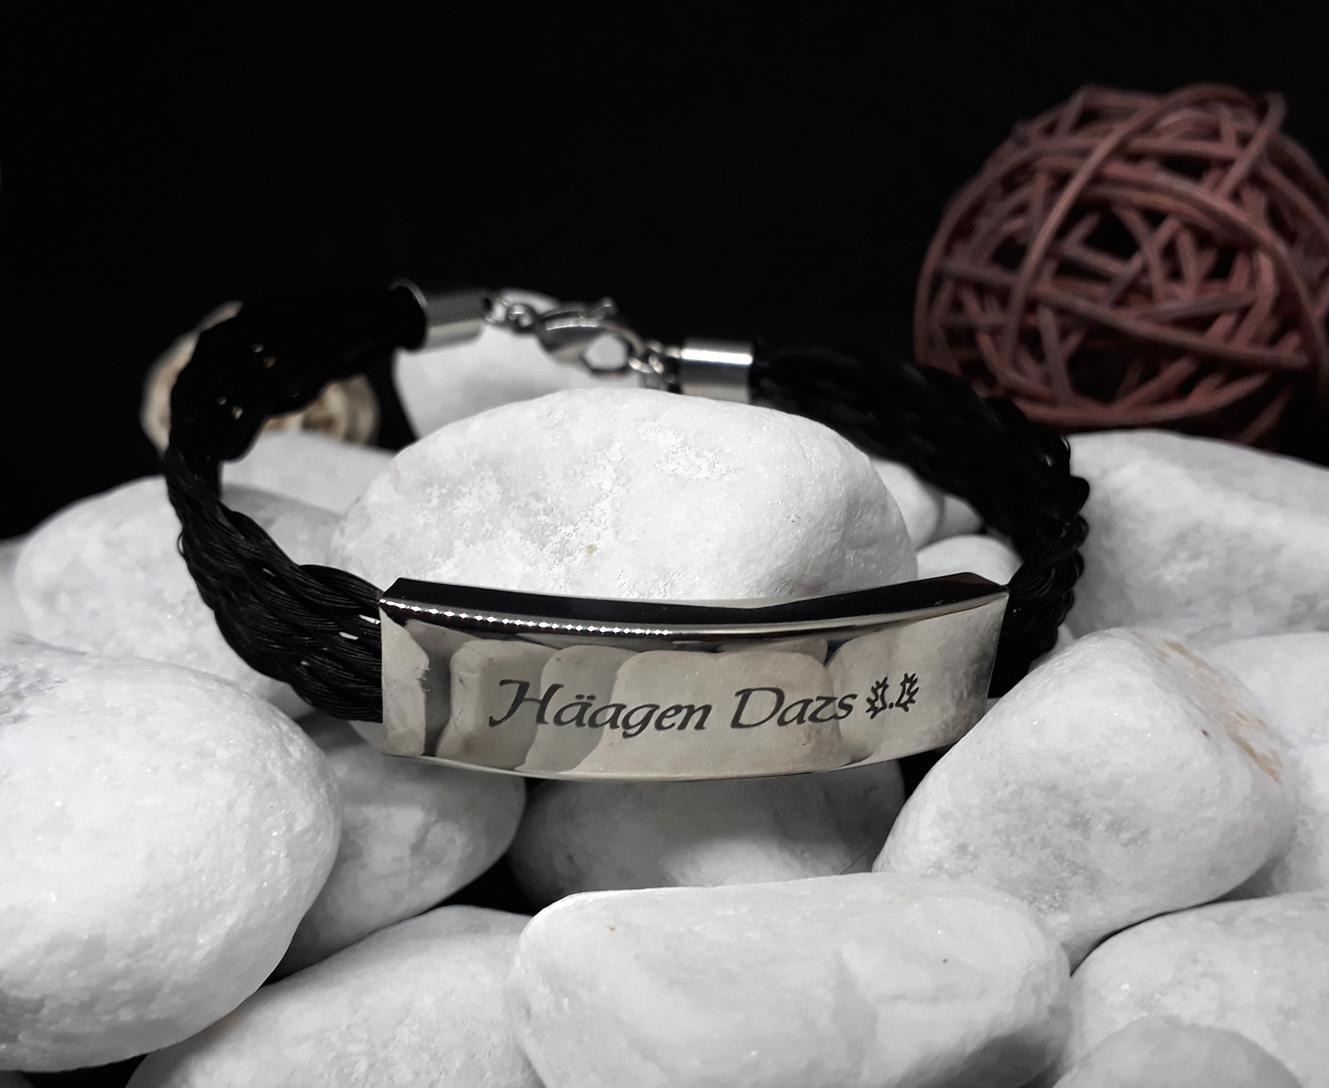 F10-Gravur: Flach geflochtenes Armband aus 10 Strängen mit rechteckiger flacher Edelstahlhülse mit Gravur, mit Edelstahl-Karabinerverschluss - Preis: 59 Euro